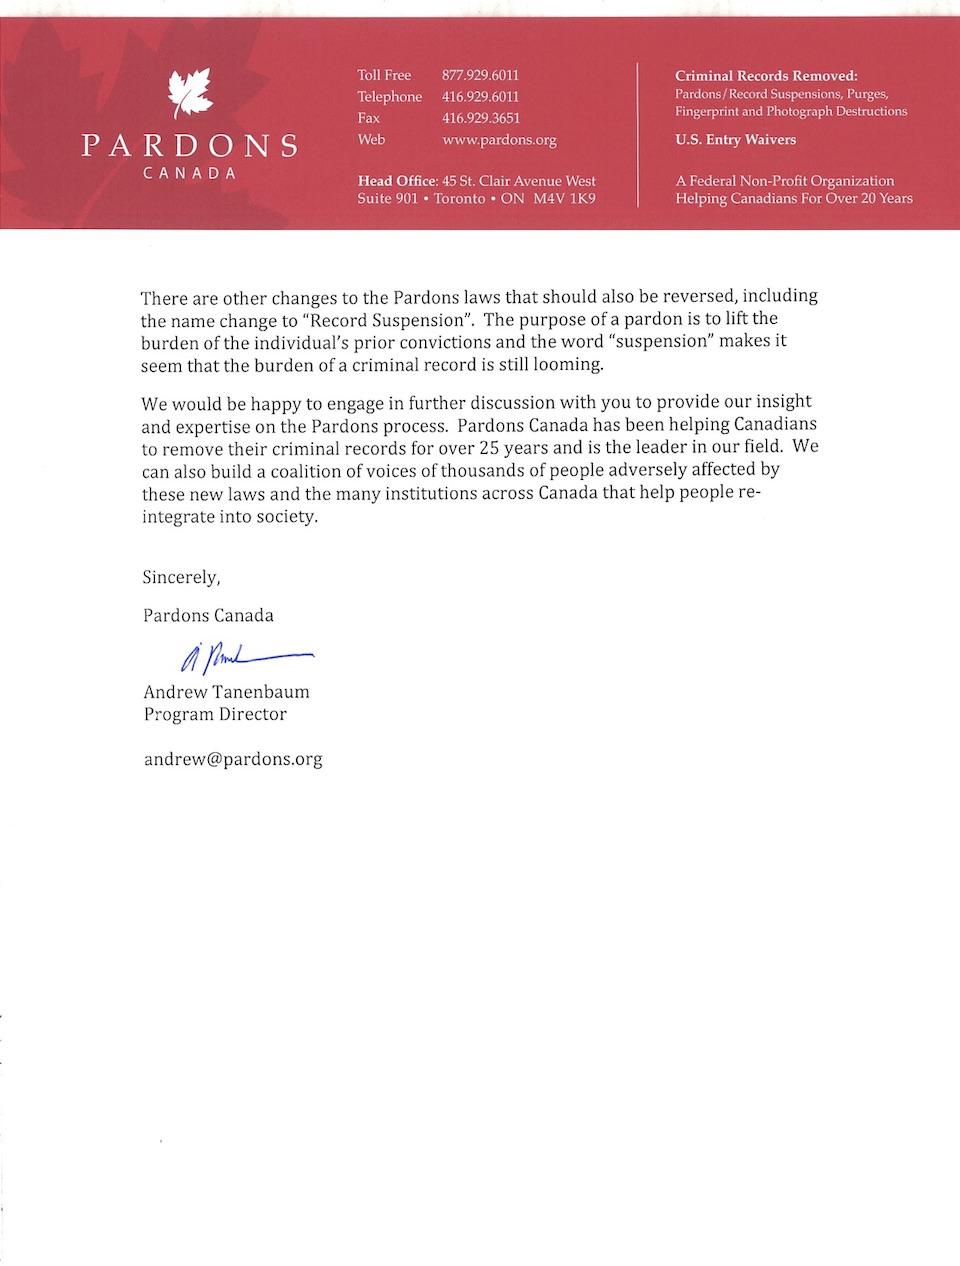 pardons canada open letter 2